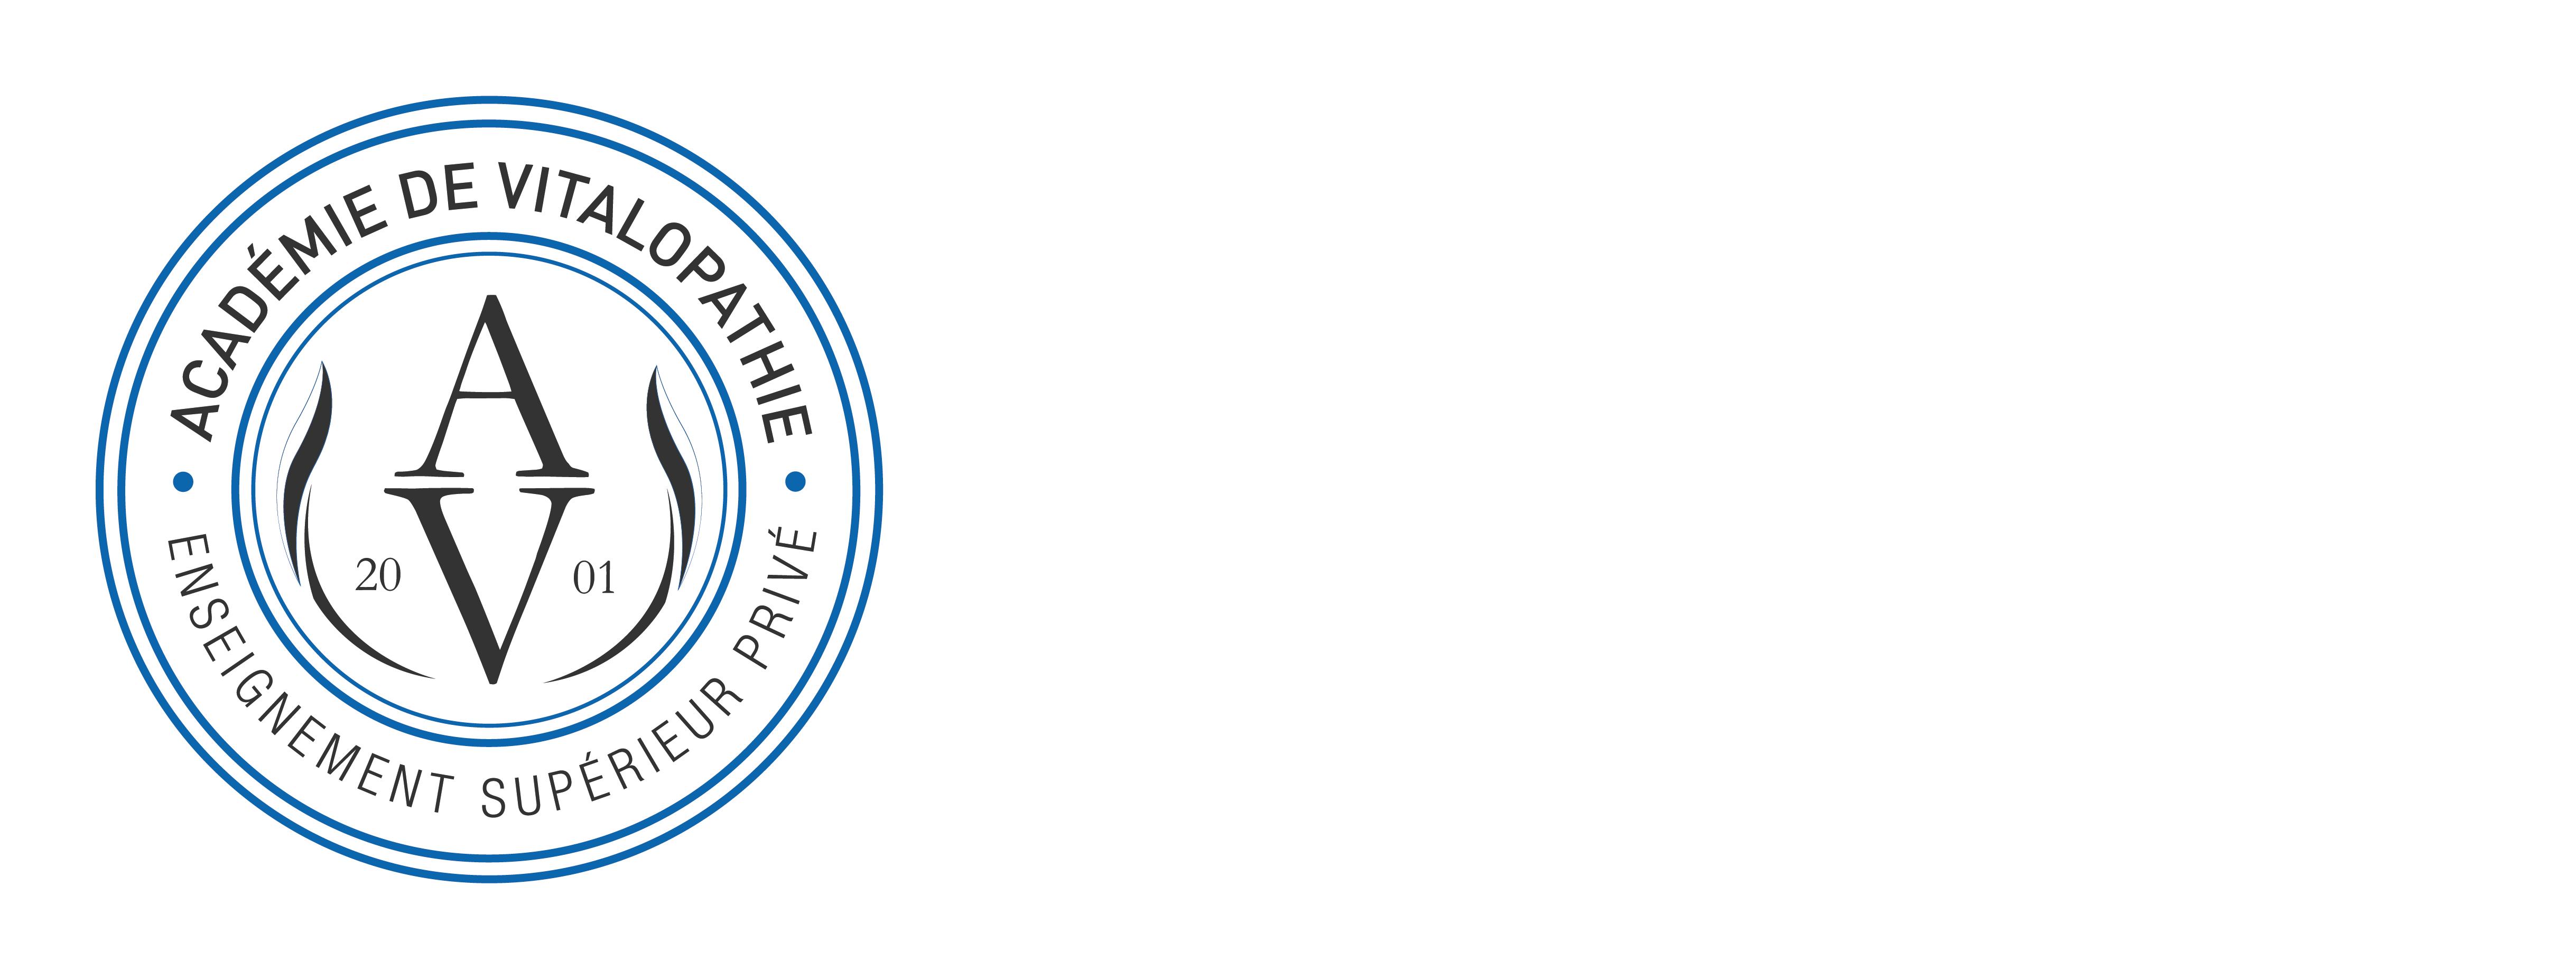 Site logo Institut de Médecine Fonctionnelle - Académie de Vitalopathie